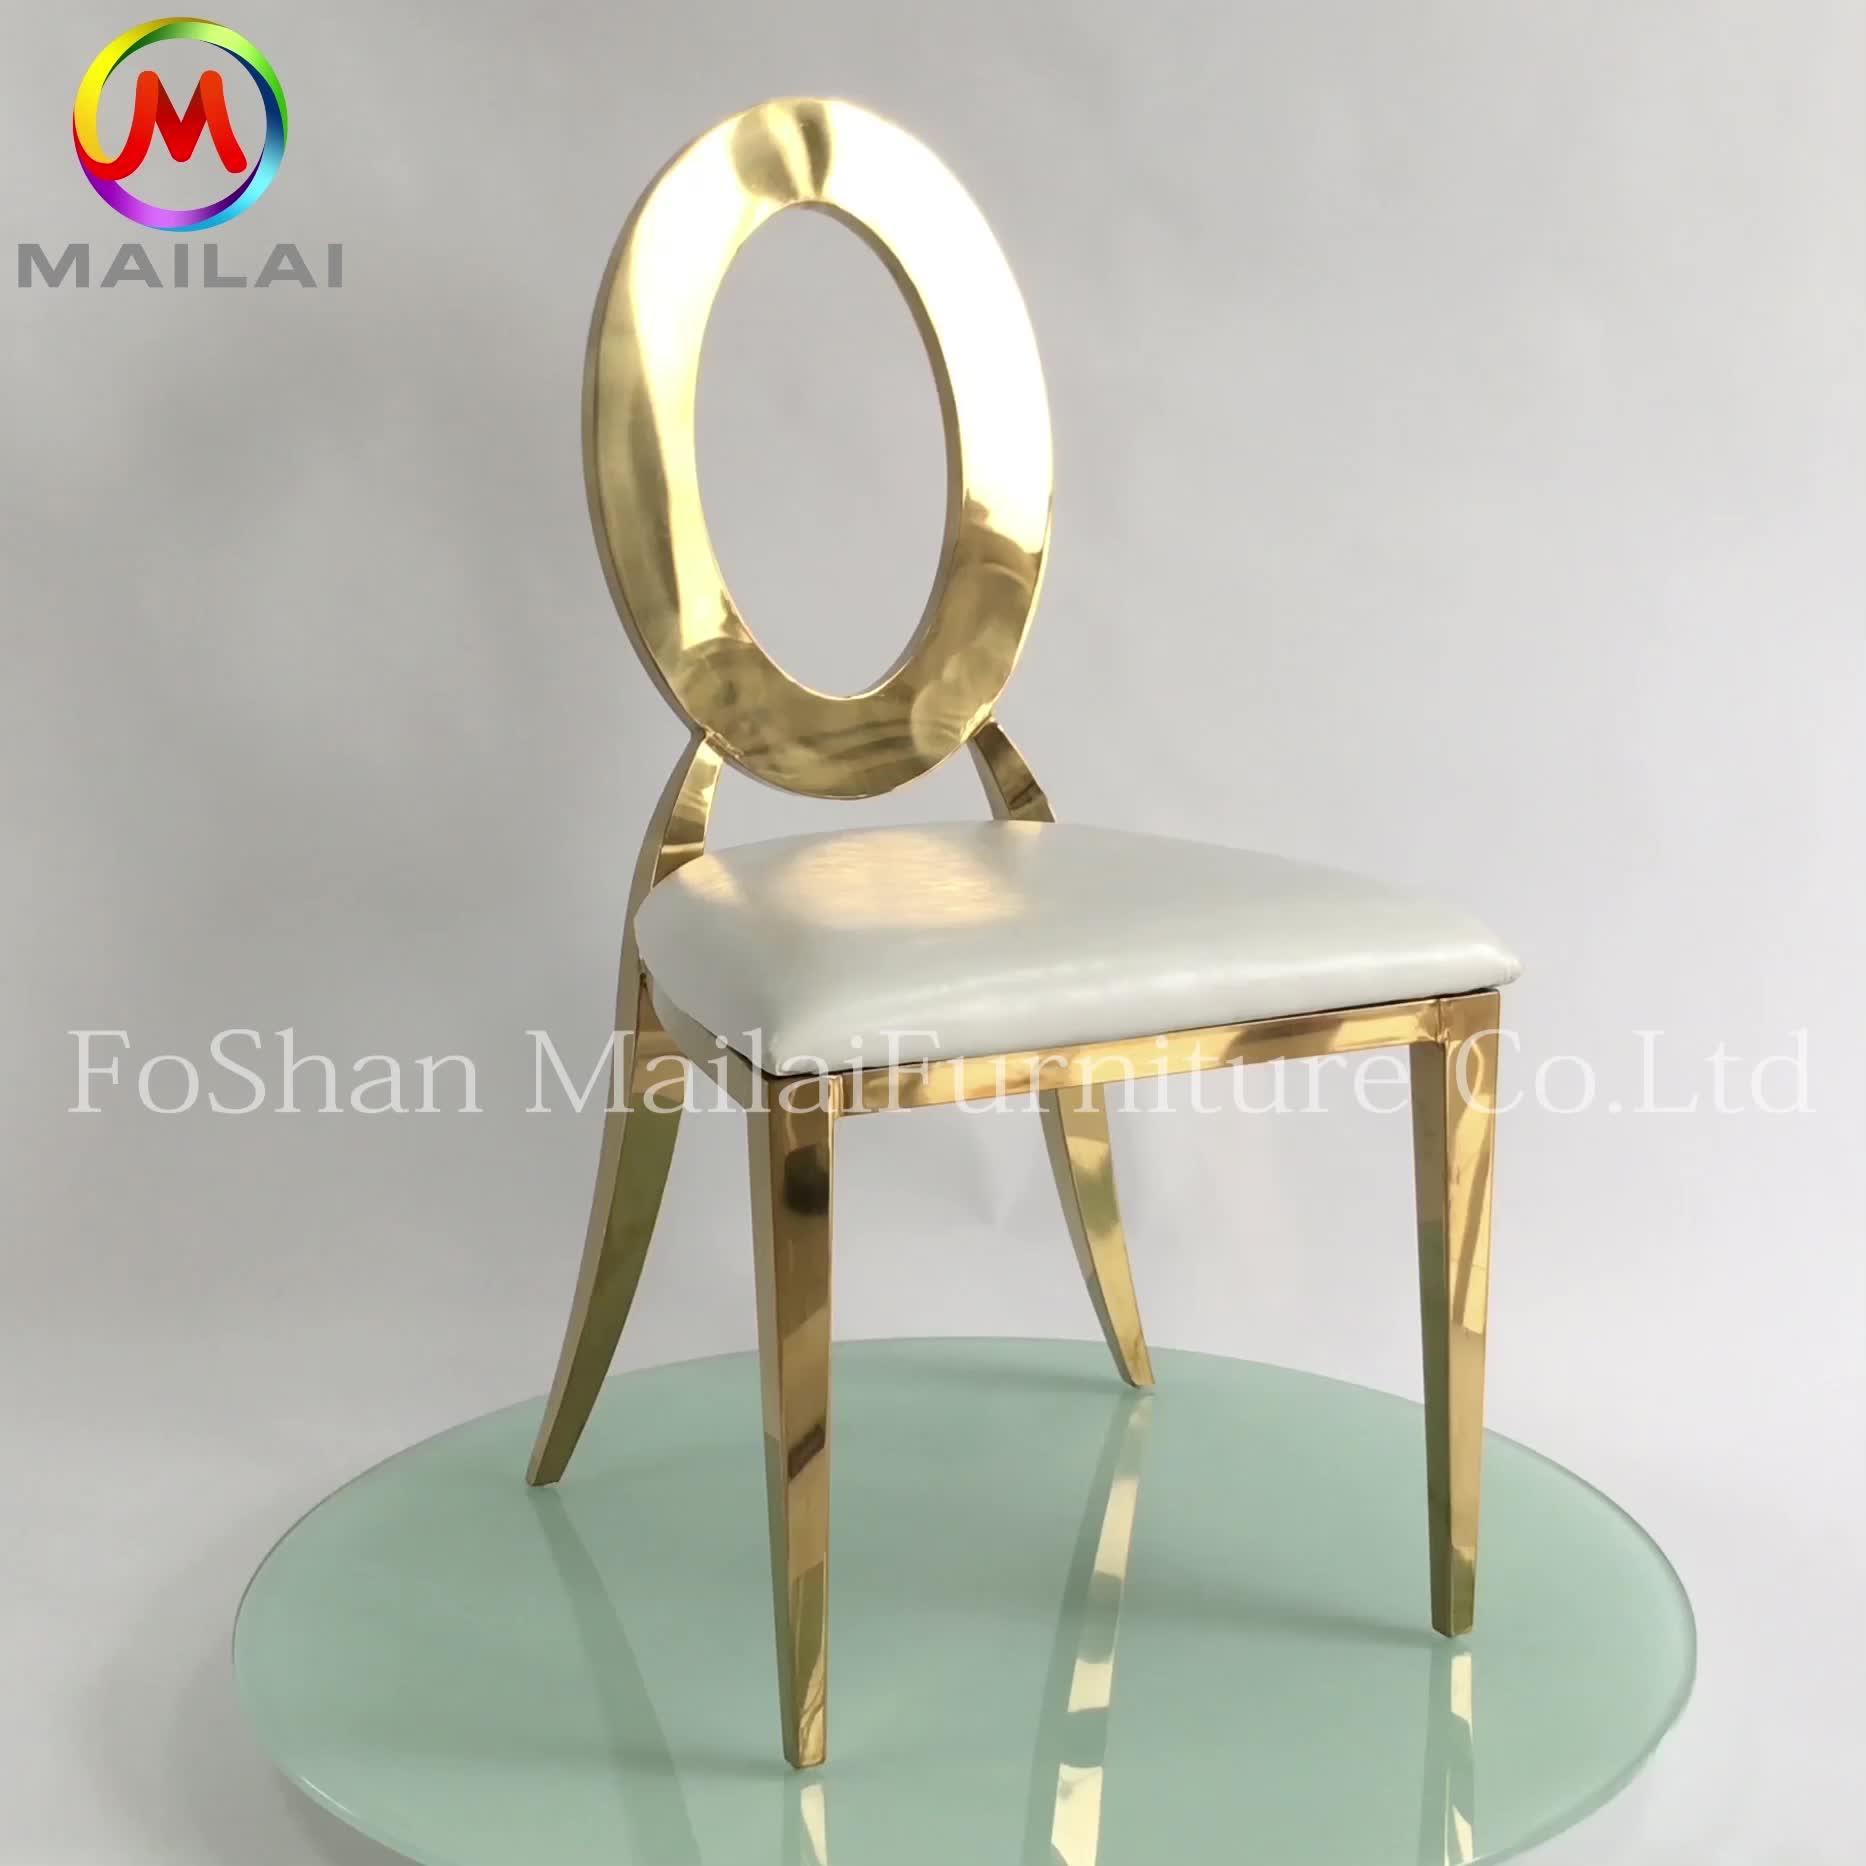 Chaise de mariage à dossier rond en fer, fauteuil d'extérieur en métal pas cher pour événements et mariage